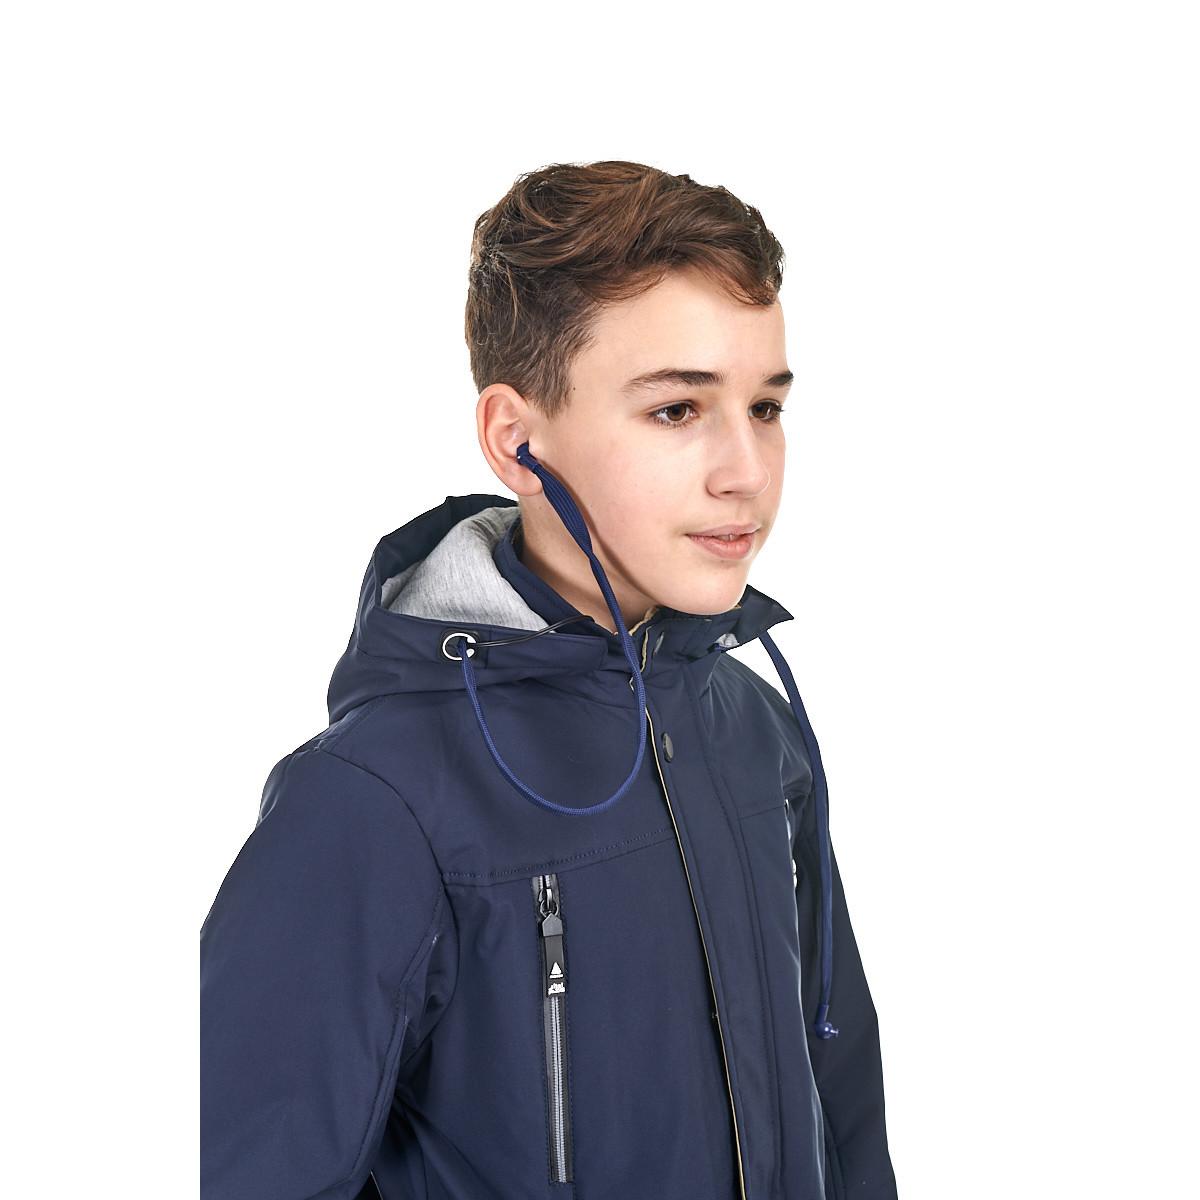 Осенняя куртка на мальчика от 9 до 14 лет, куртка с наушниками